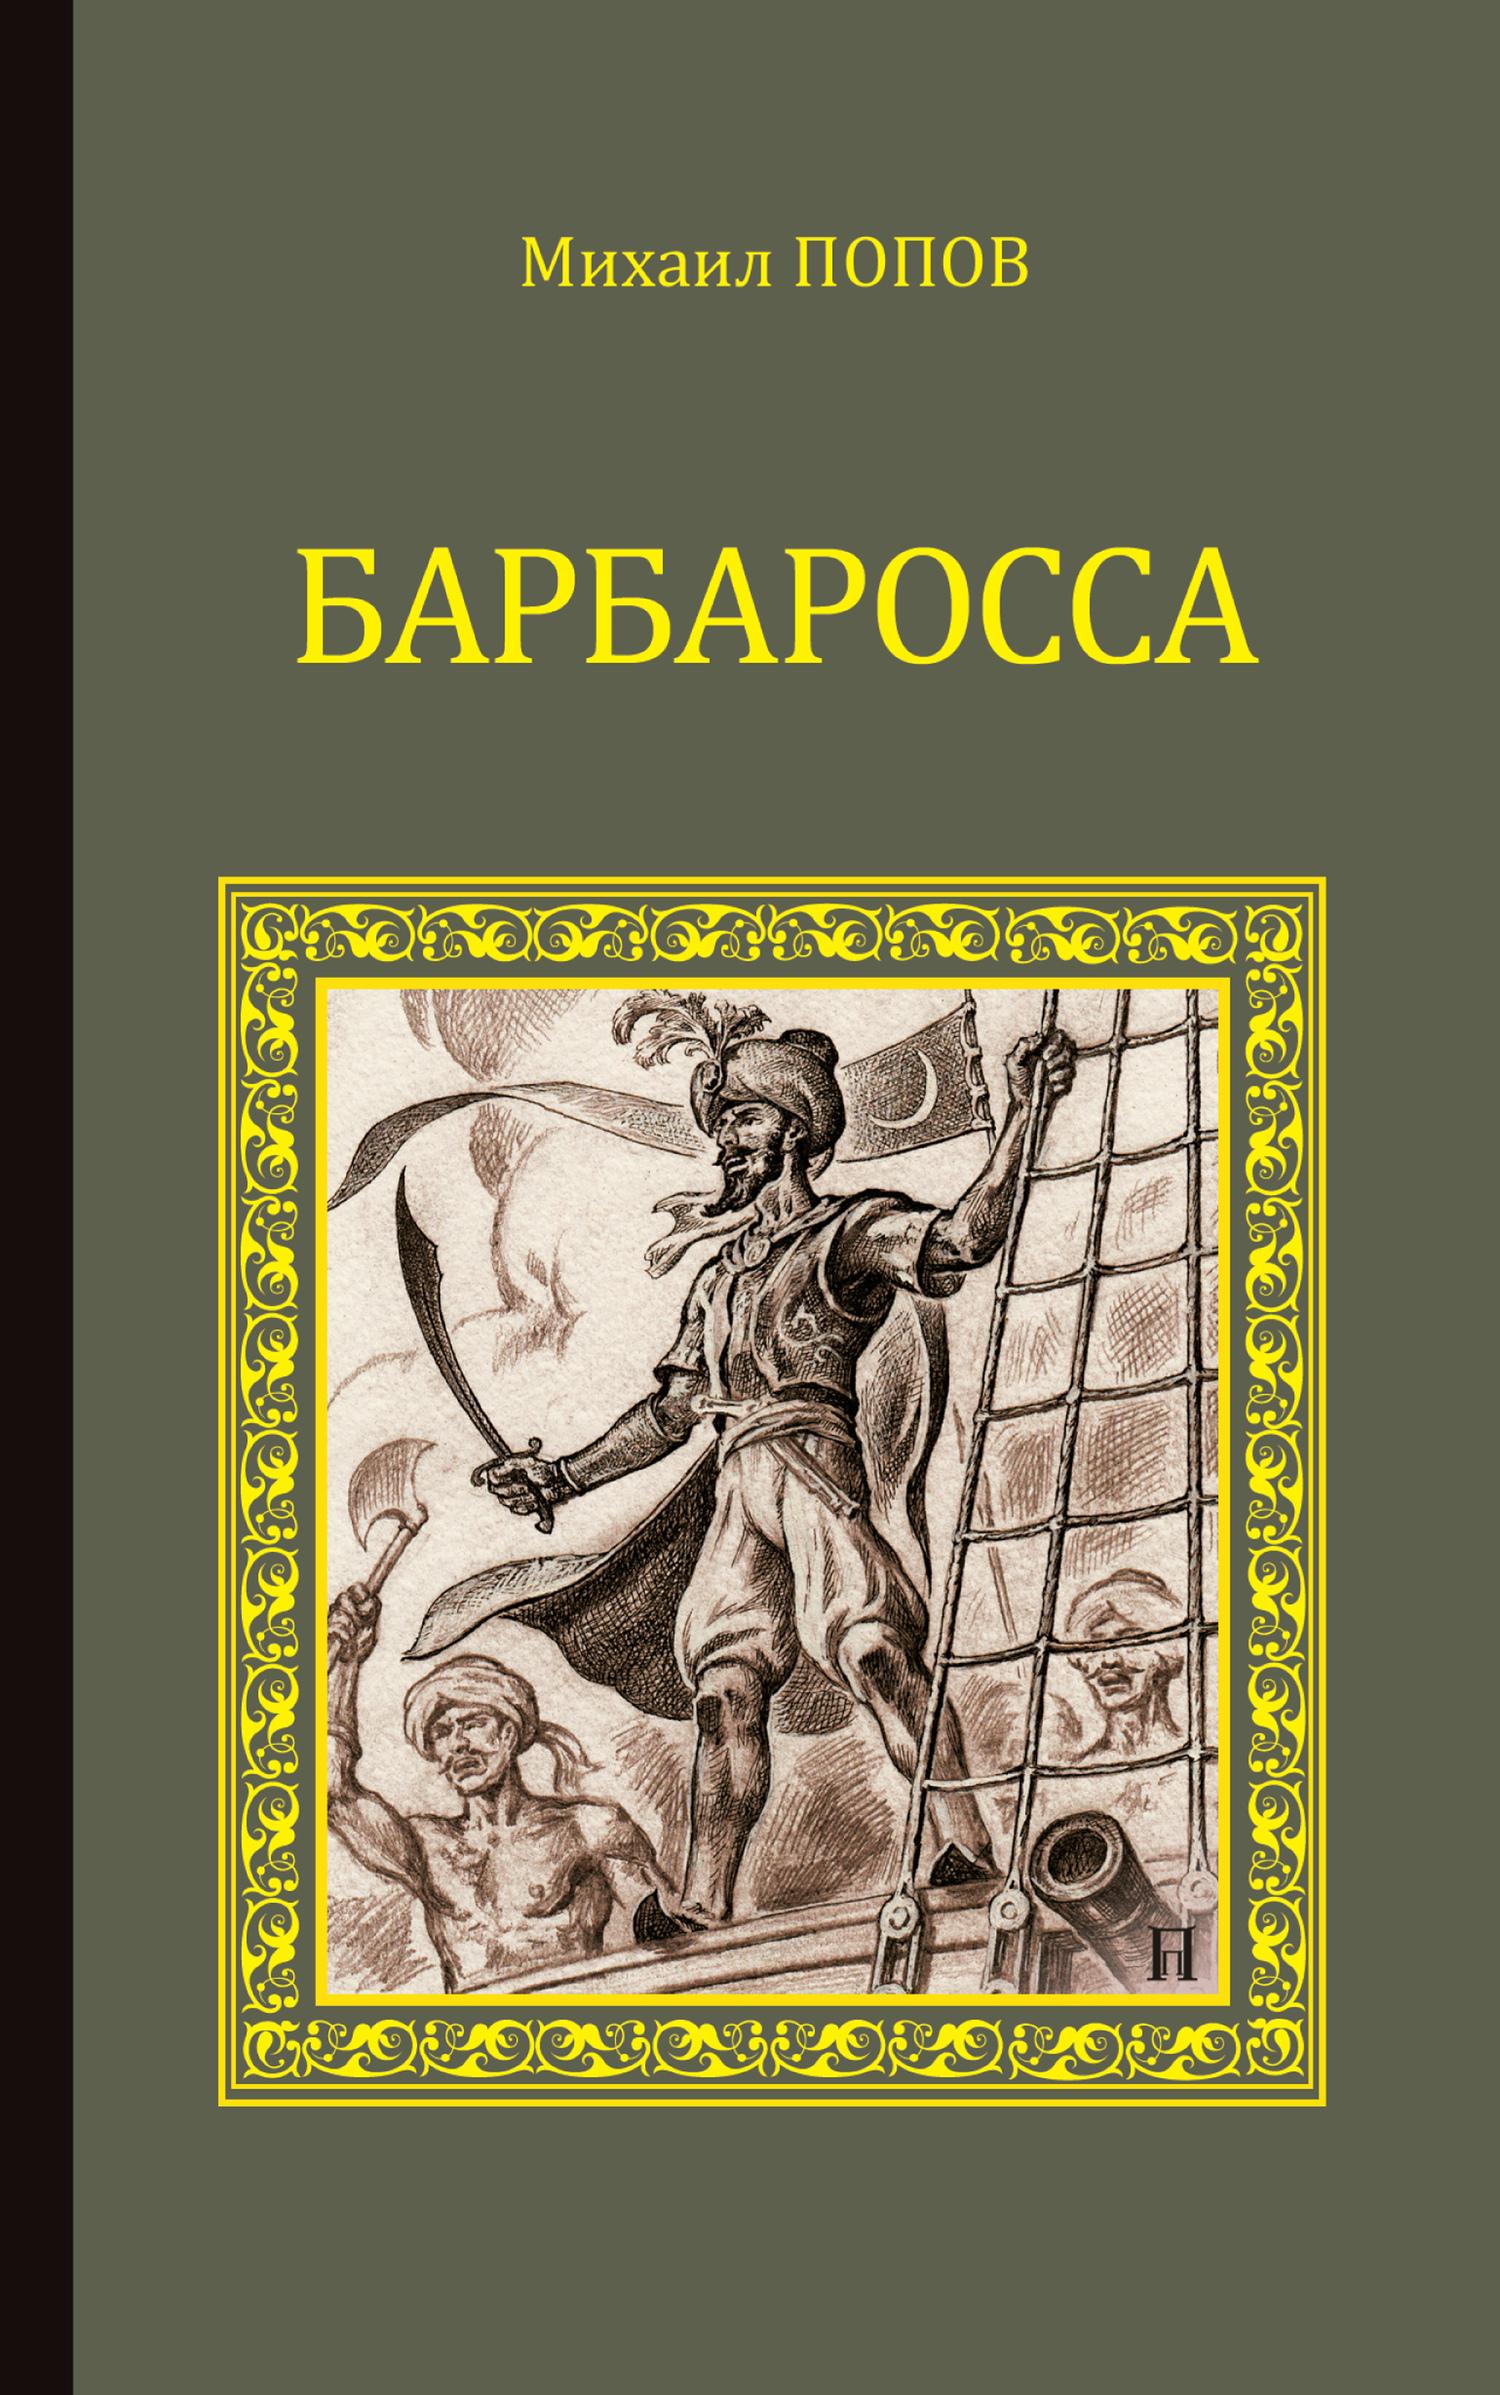 Михаил Попов. Барбаросса